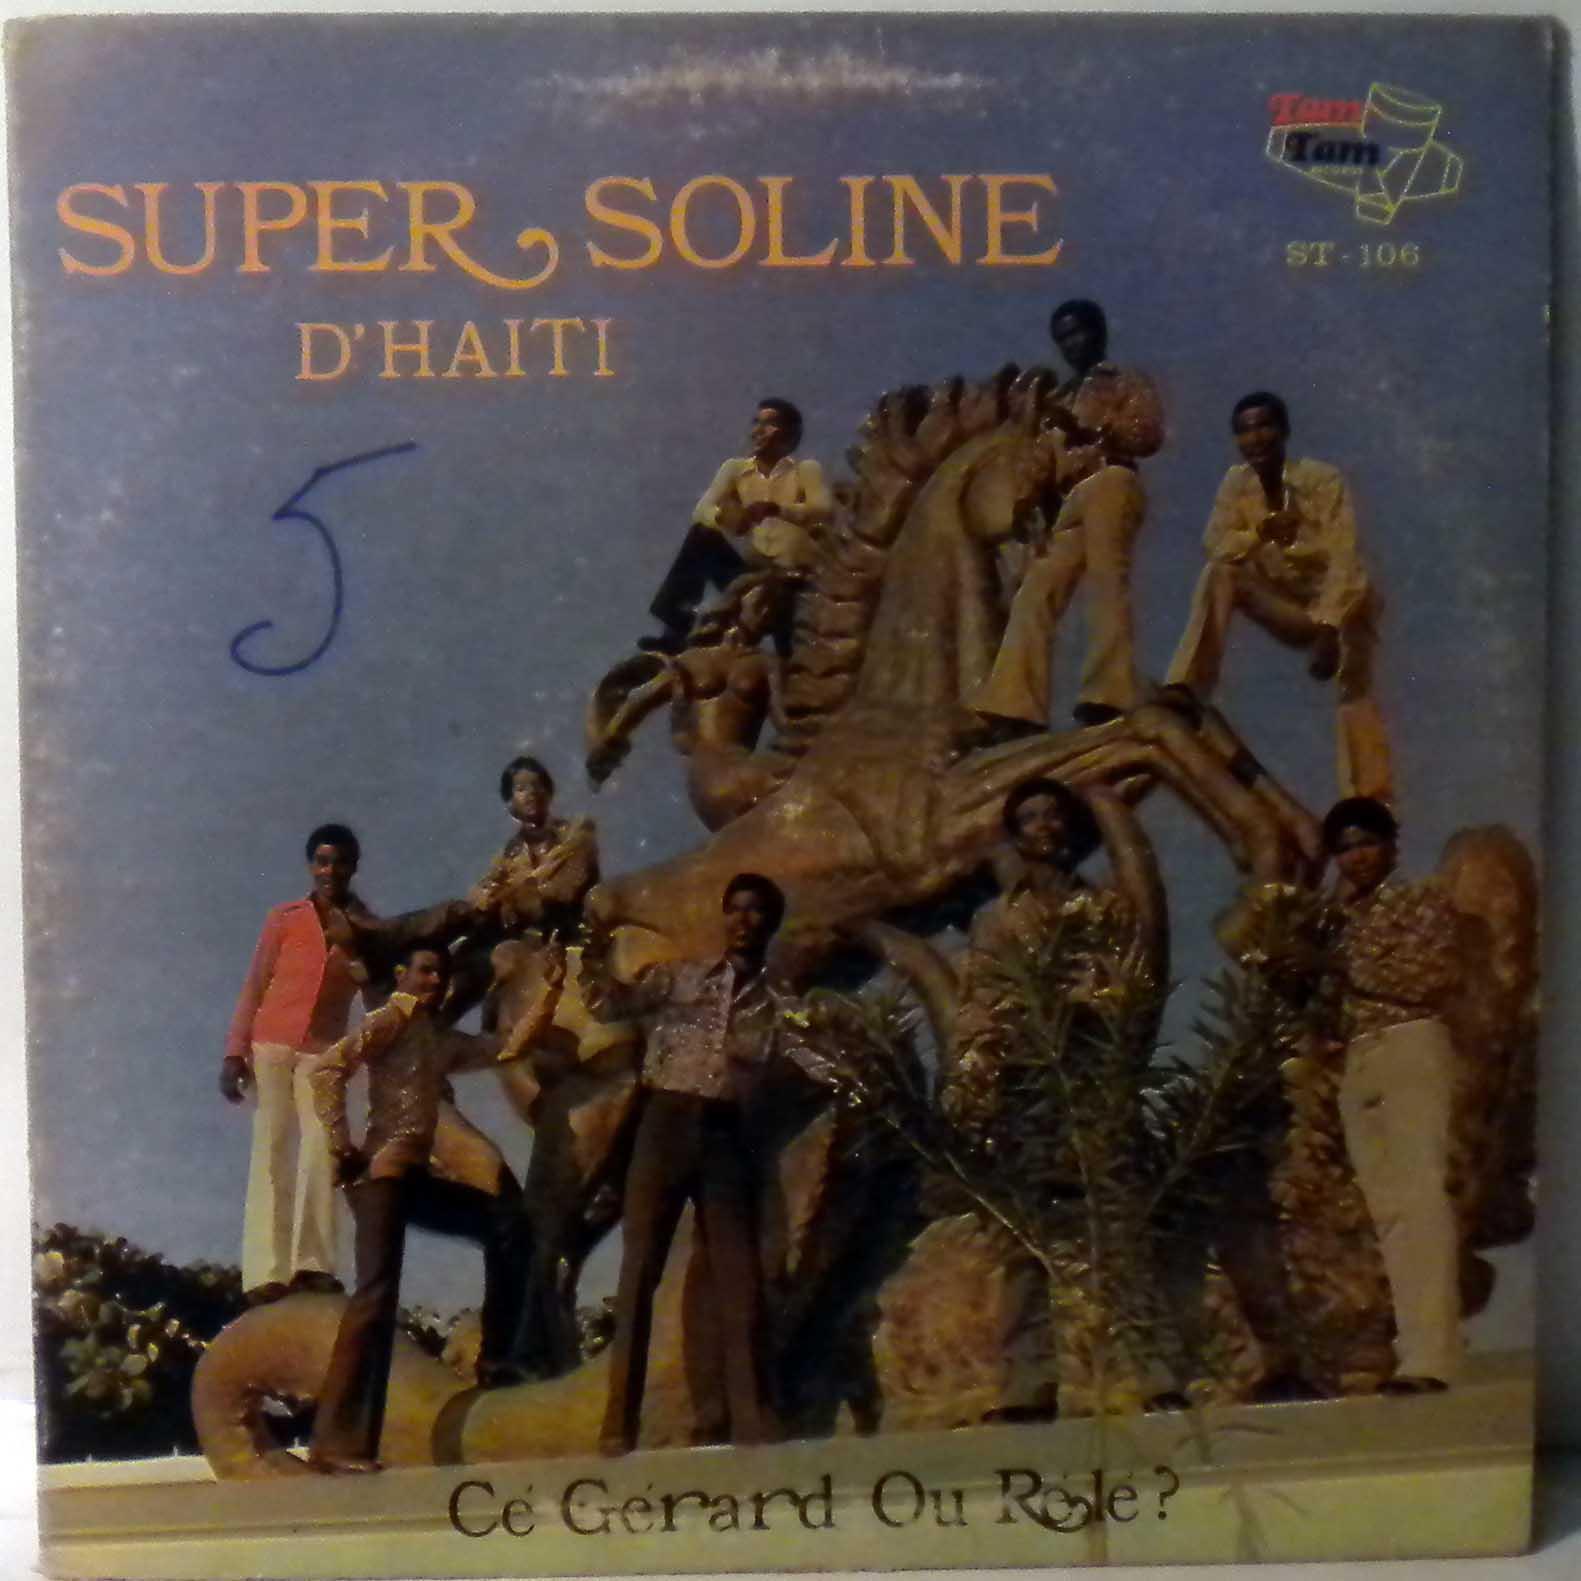 SUPER SOLINE D'HAITI - Ce gerard ou rele - LP